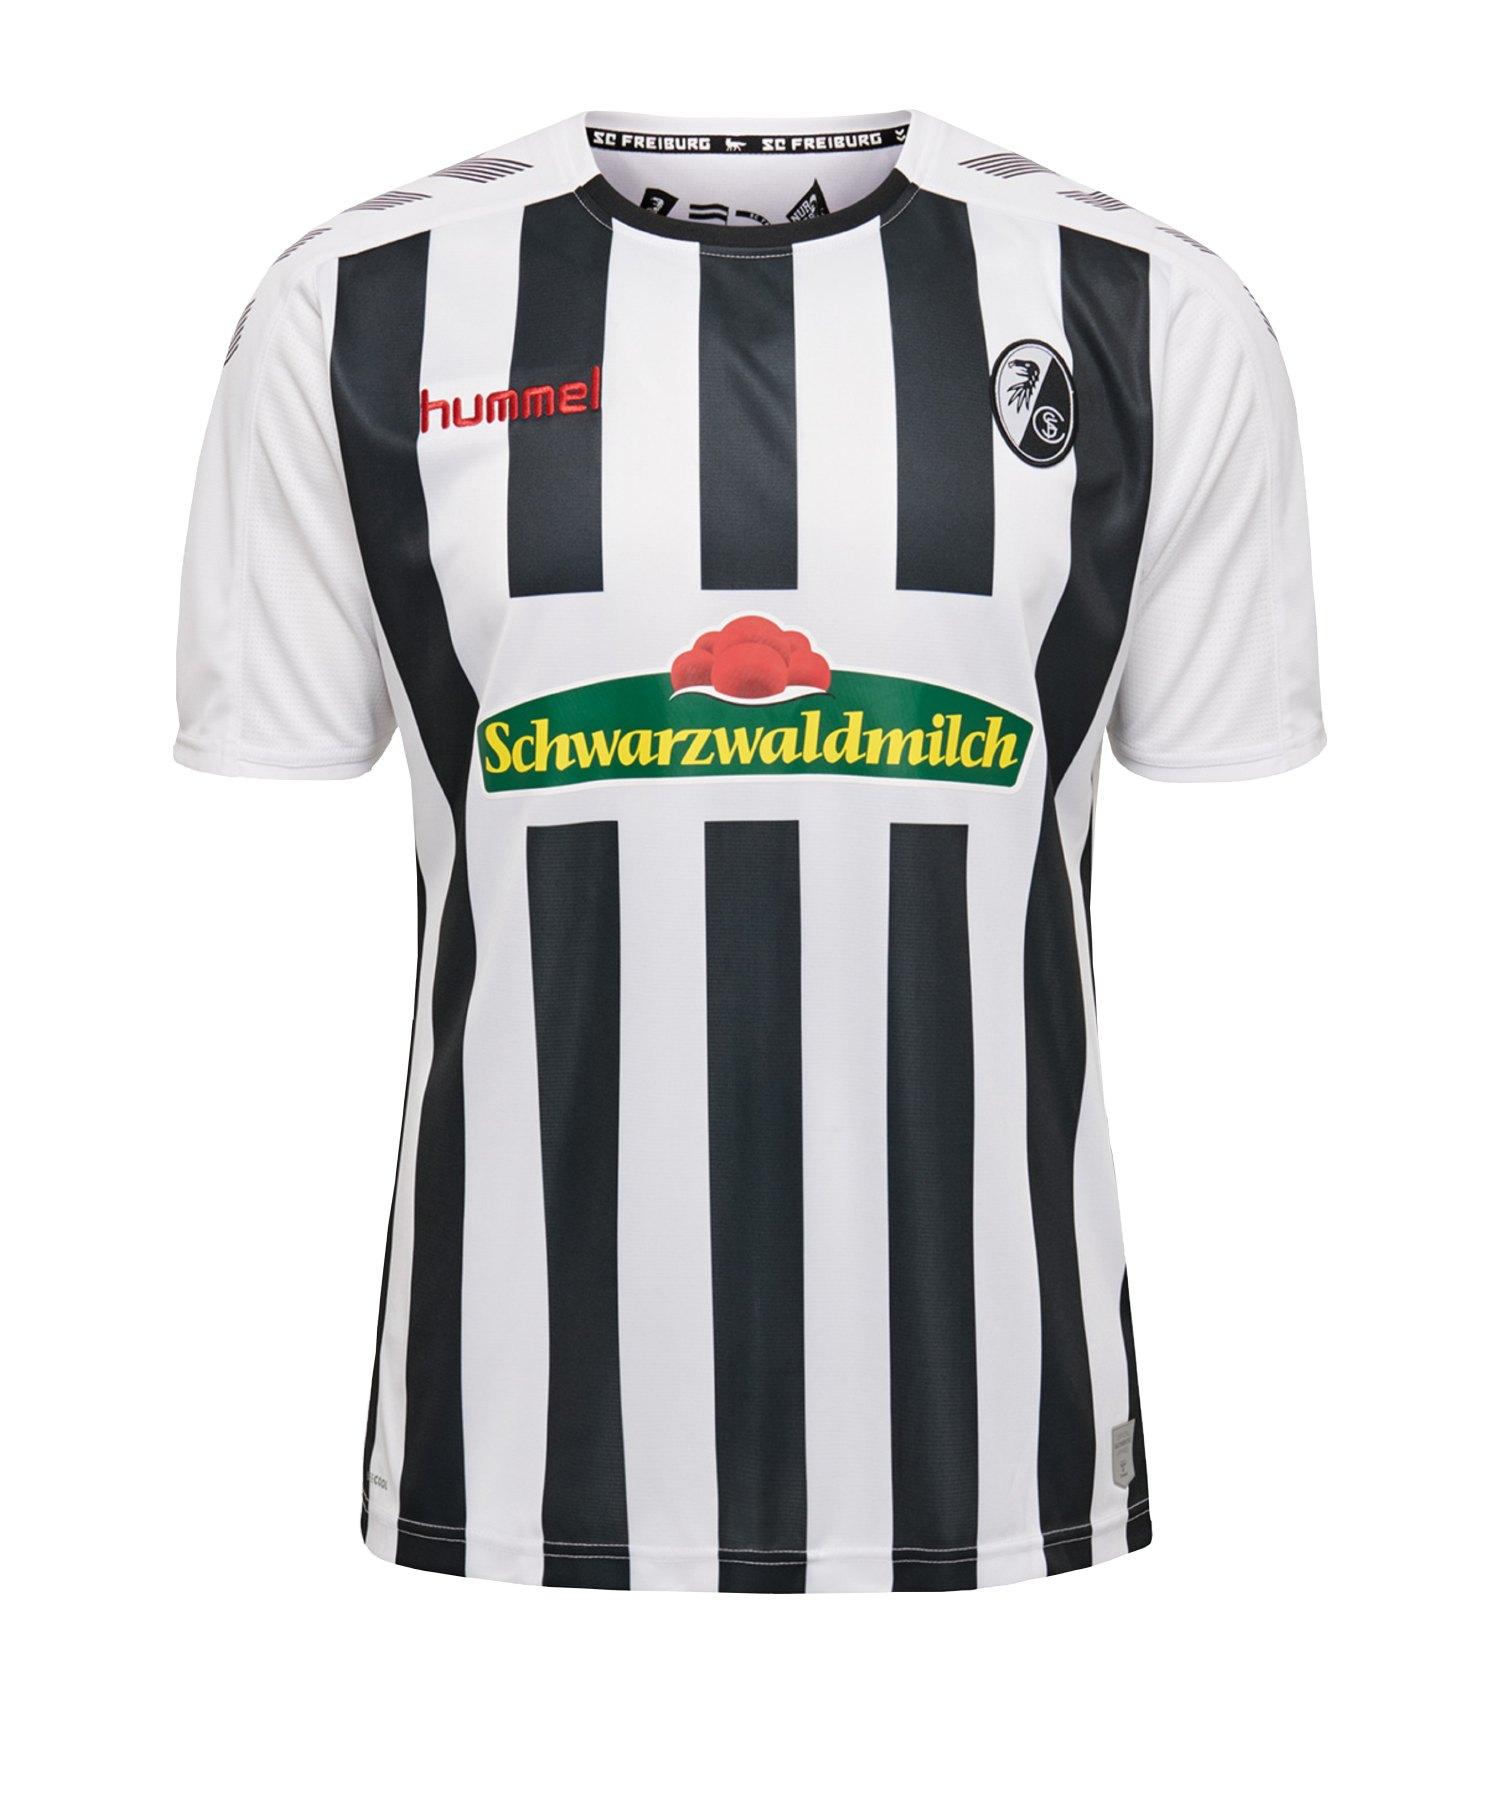 Hummel SC Freiburg Trikot Away 2019/2020 Weiss F9124 - weiss